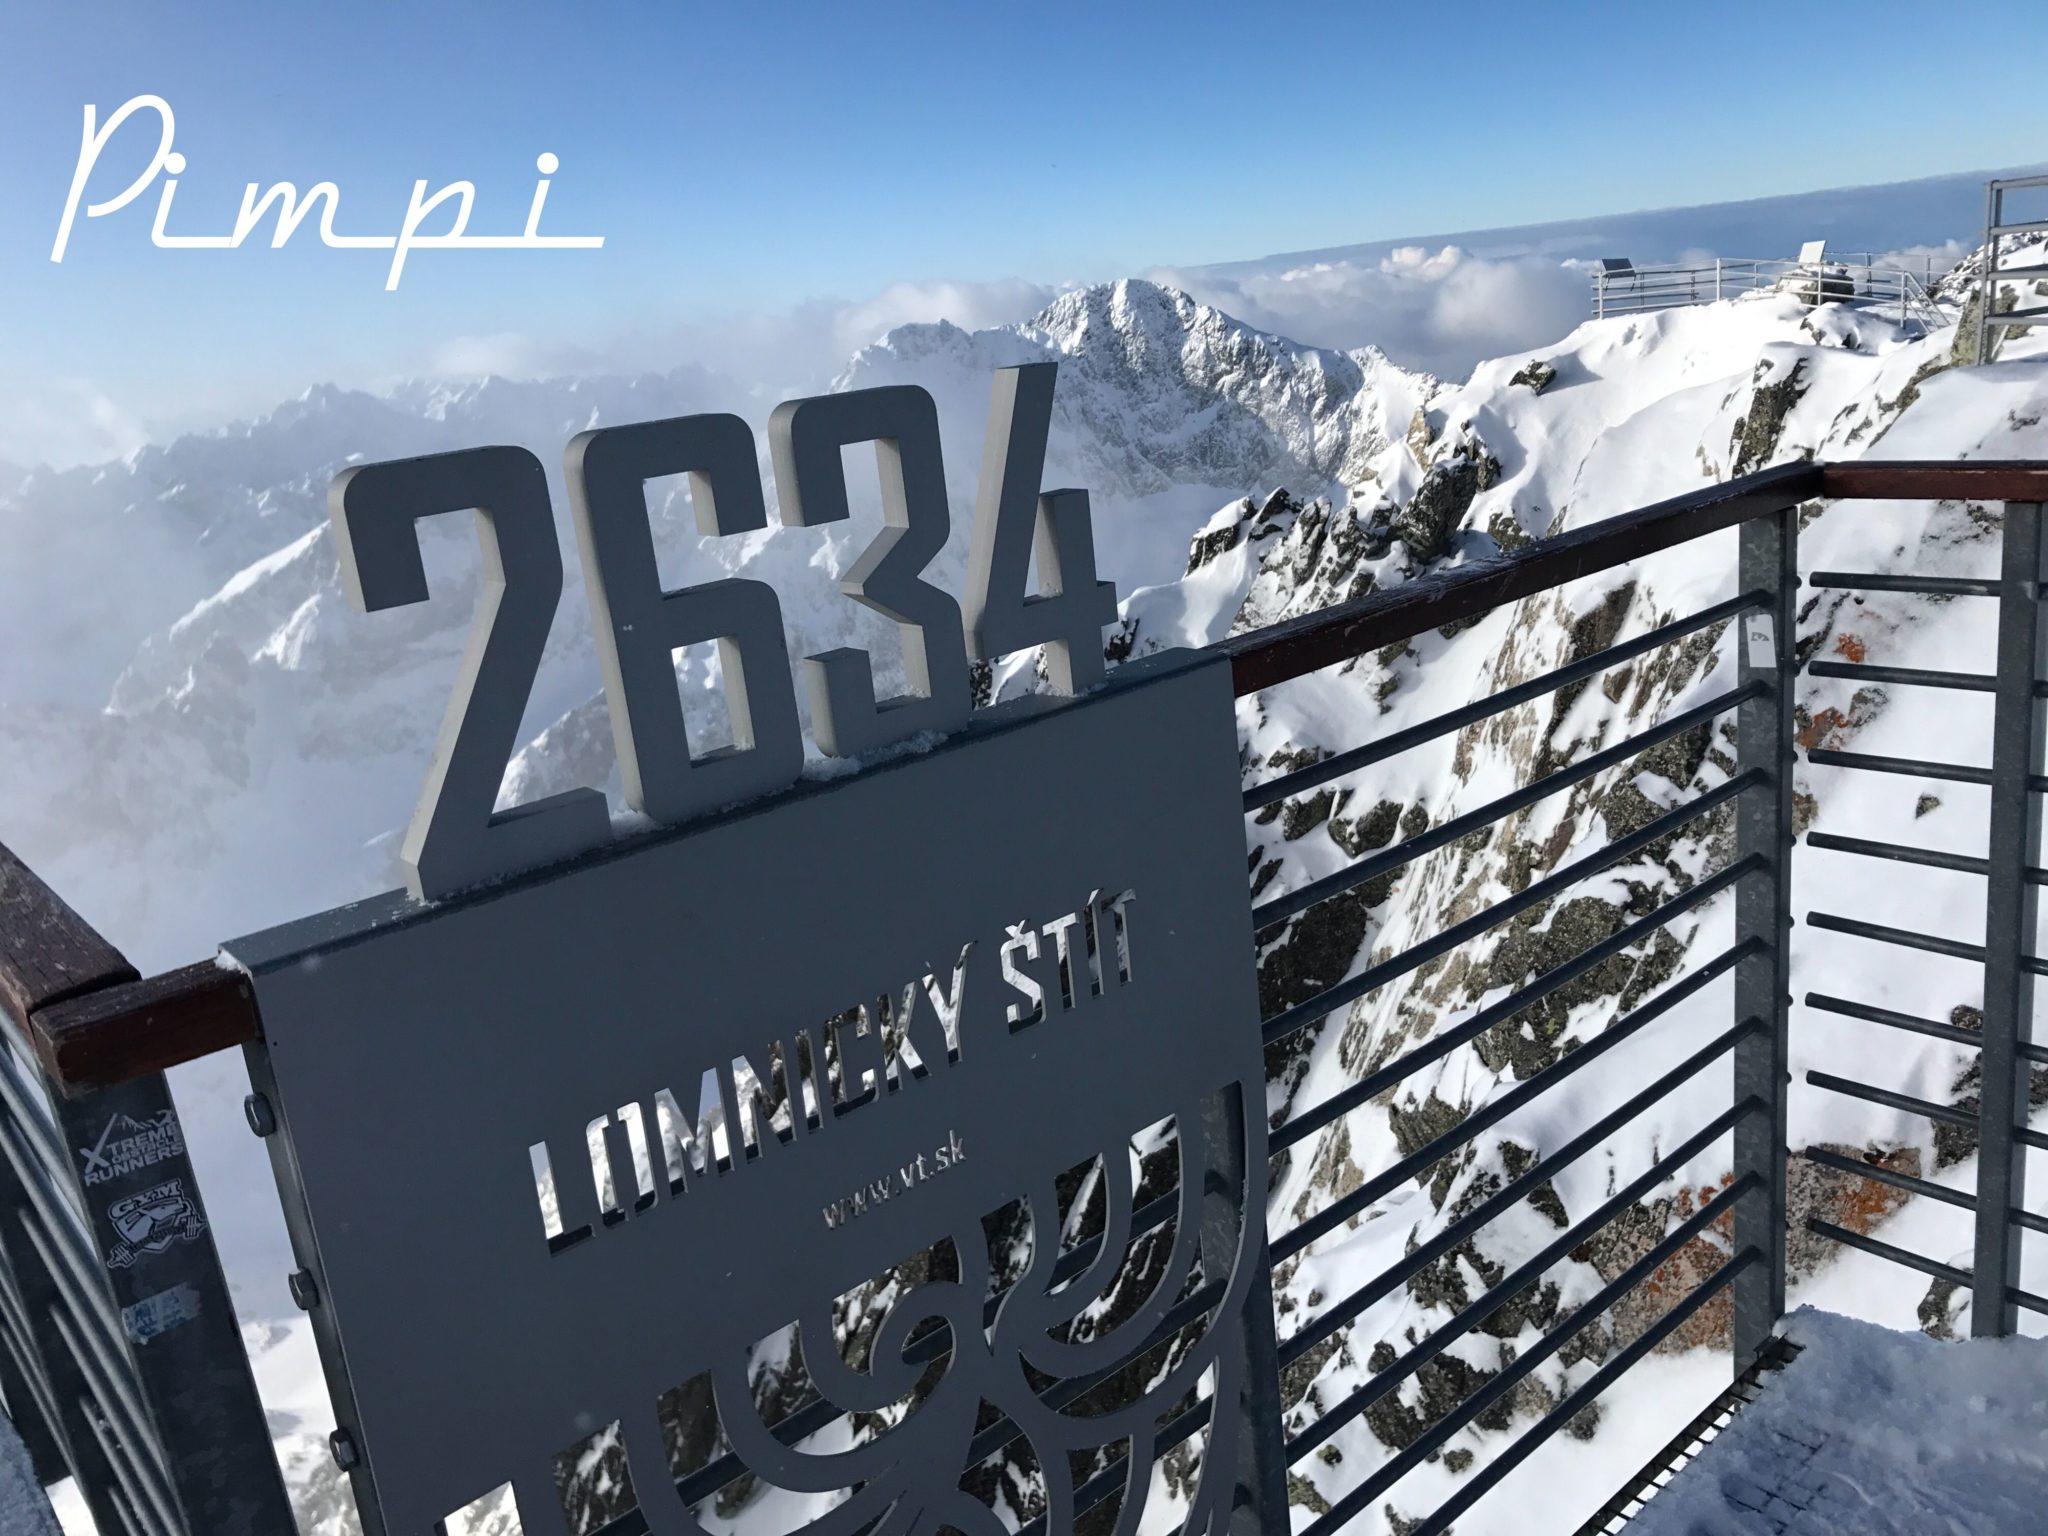 pimpi-bábo-cestovanie-lomnický štít-vysoké tatry